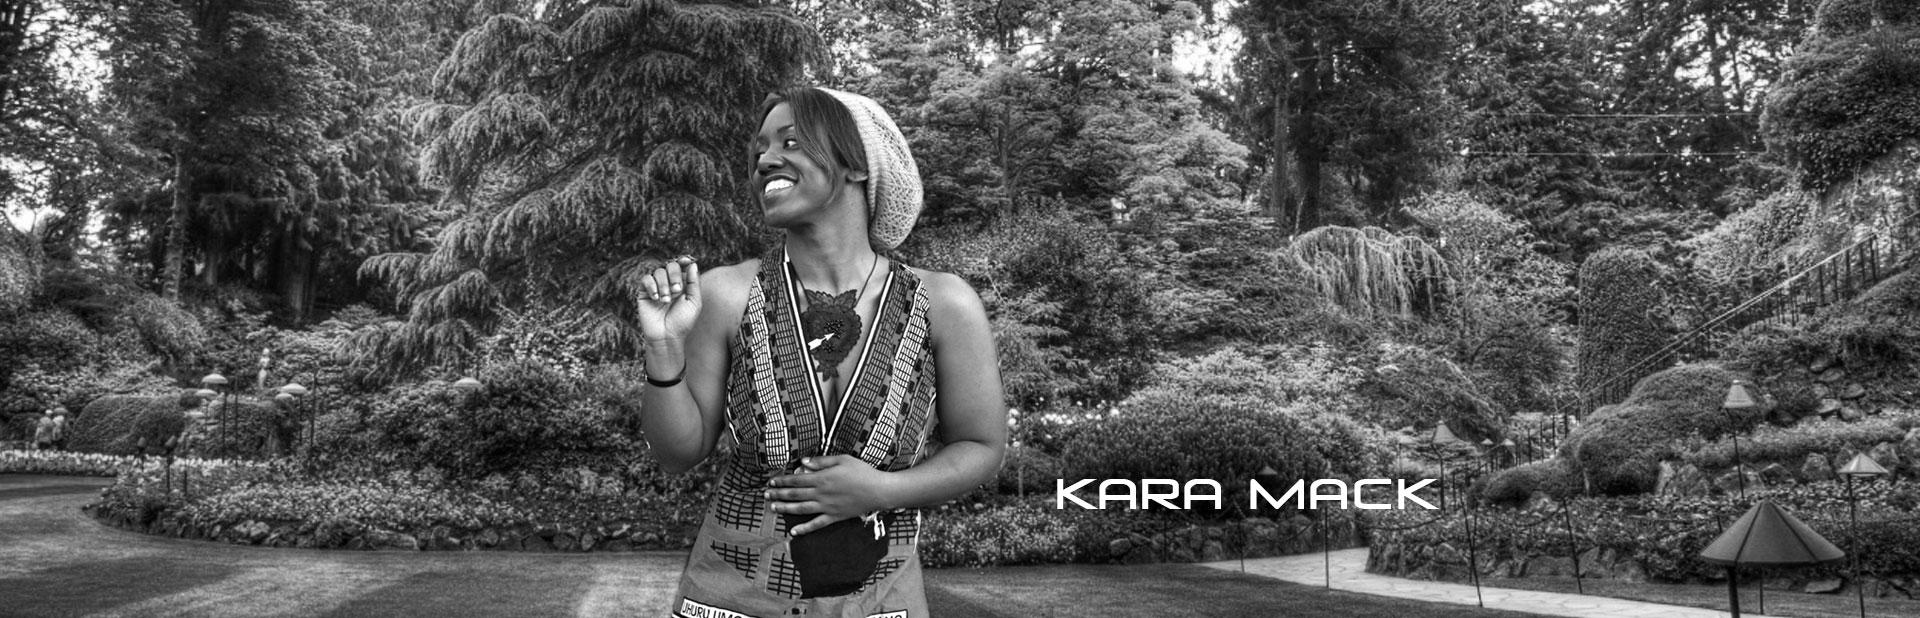 Kara Mack